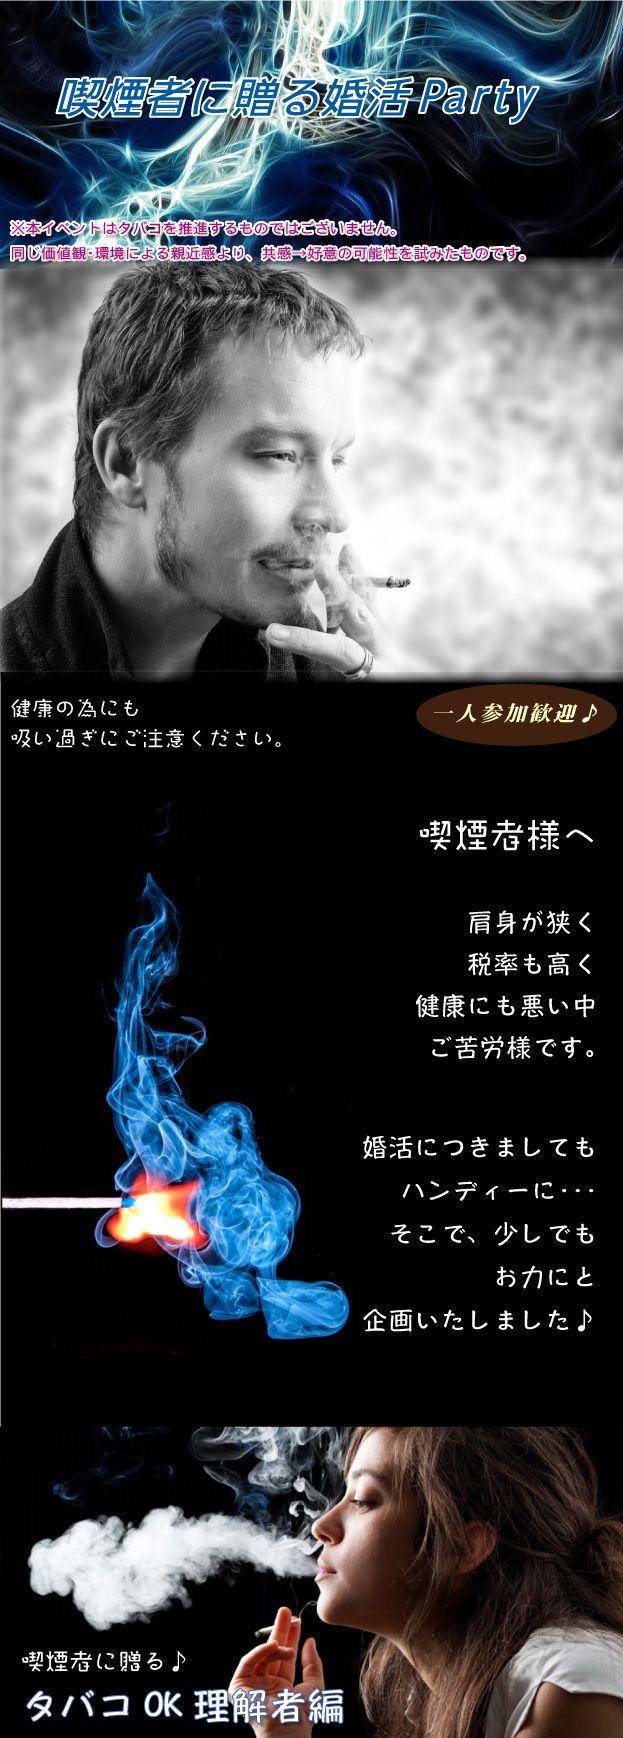 街コン バナー タバコ_02